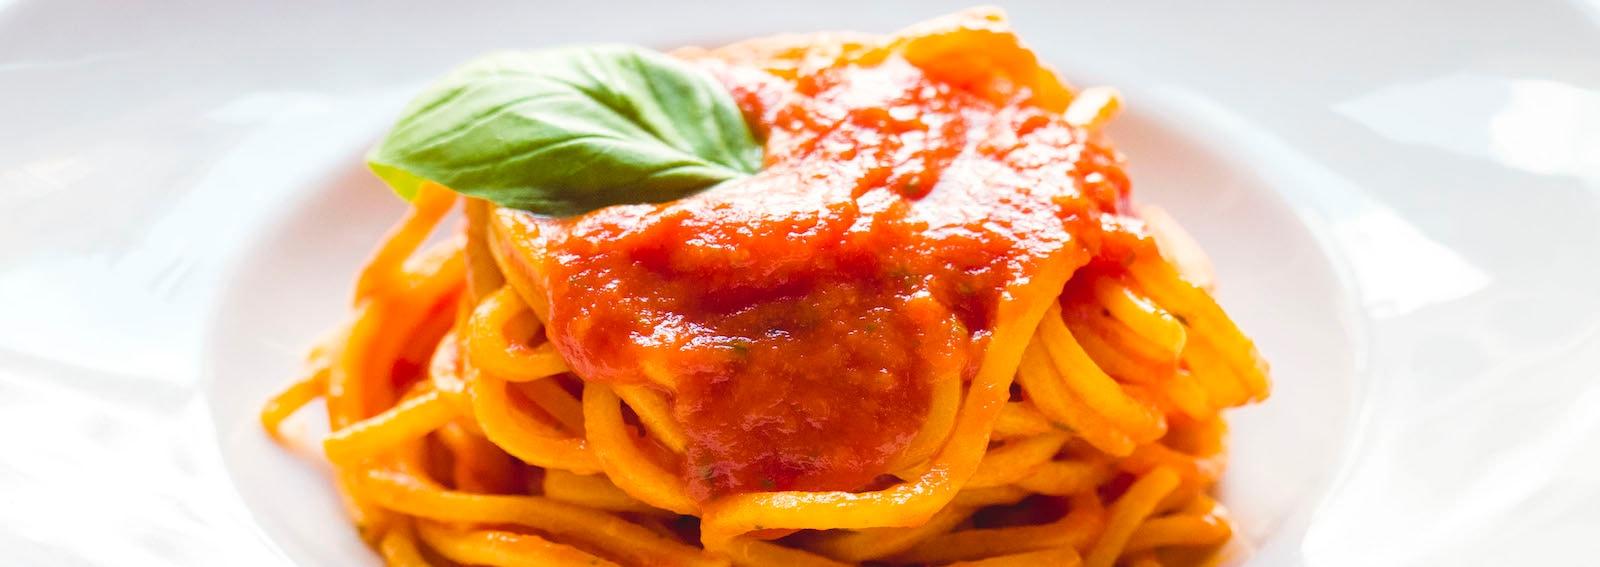 pasta al pomodoro marchese roma